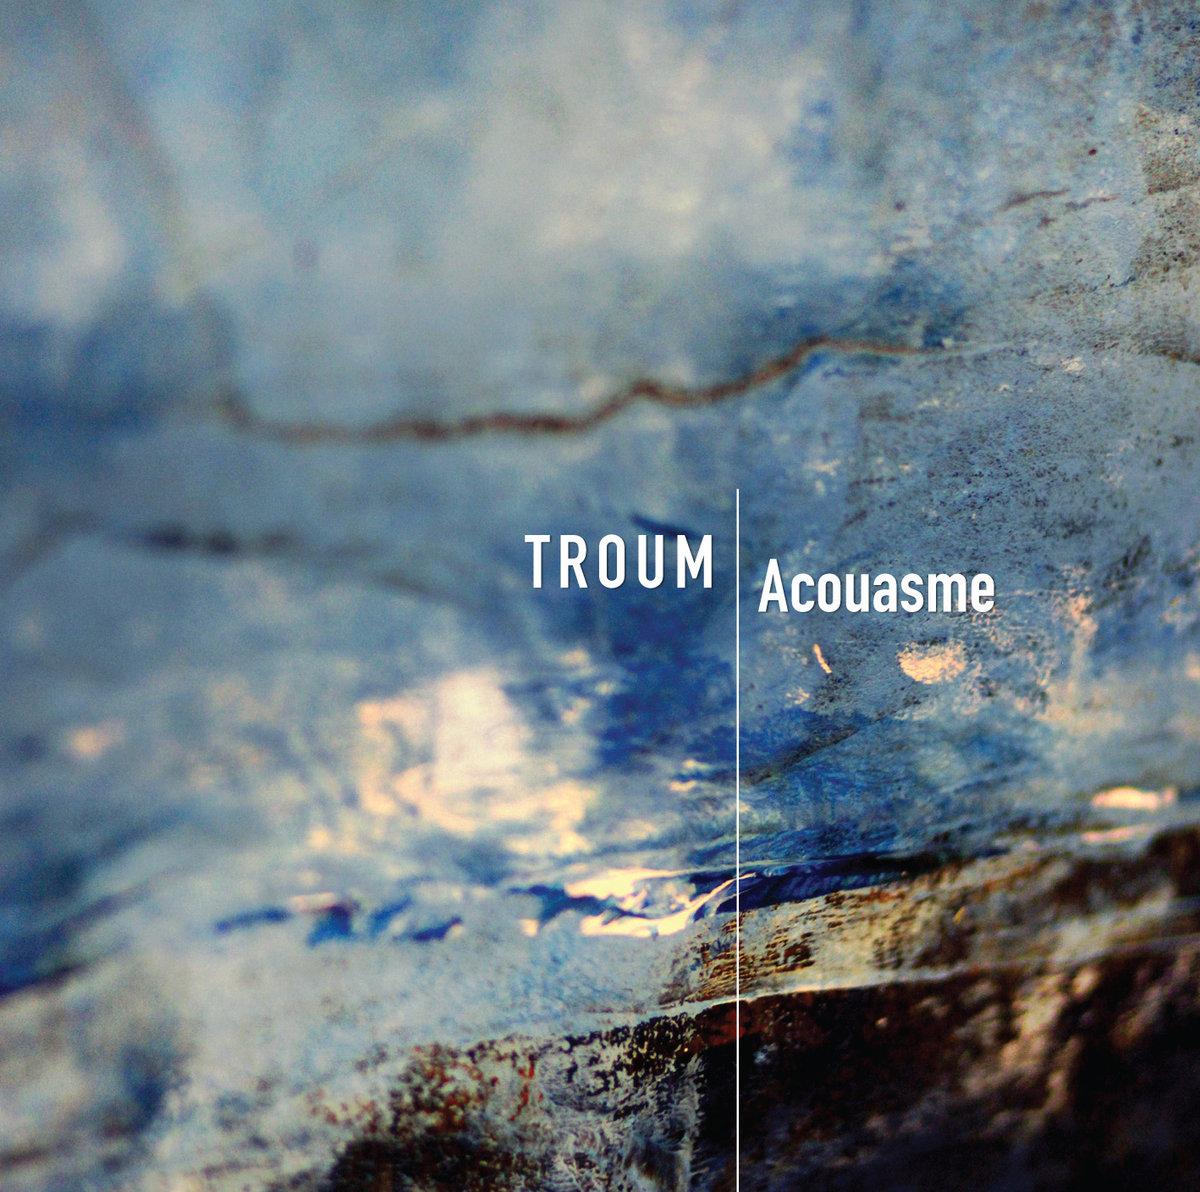 Troum: Acouasme (CD, Cold Spring, CSR213CD, 2015)